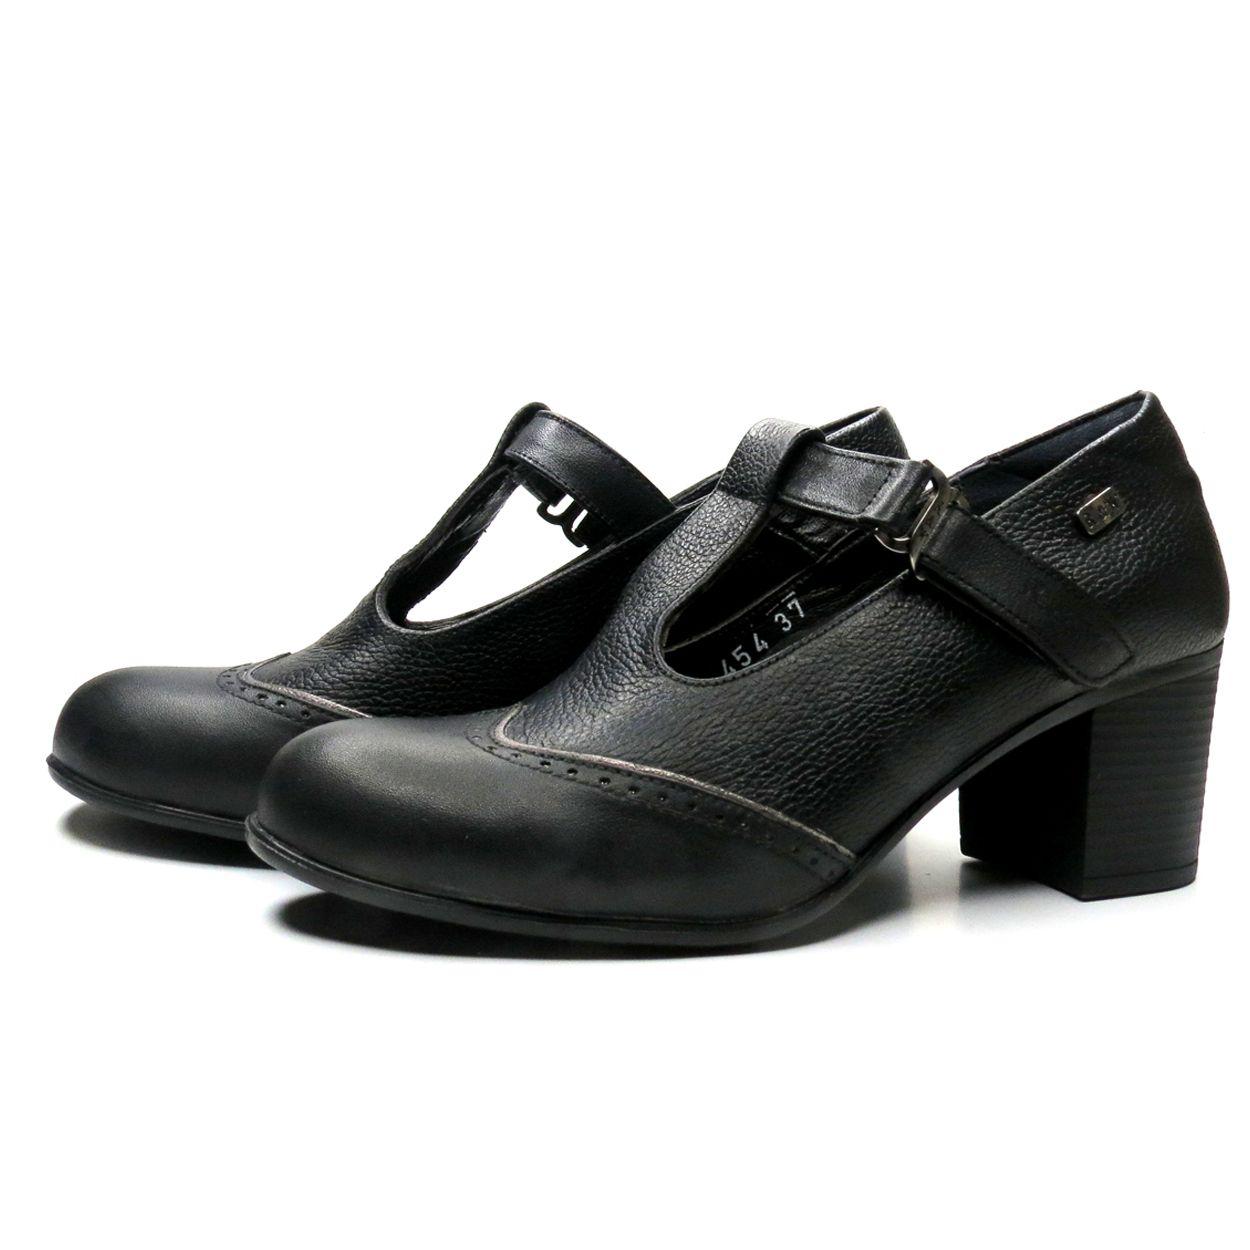 کفش زنانه آر اند دبلیو مدل 454 رنگ مشکی -  - 4